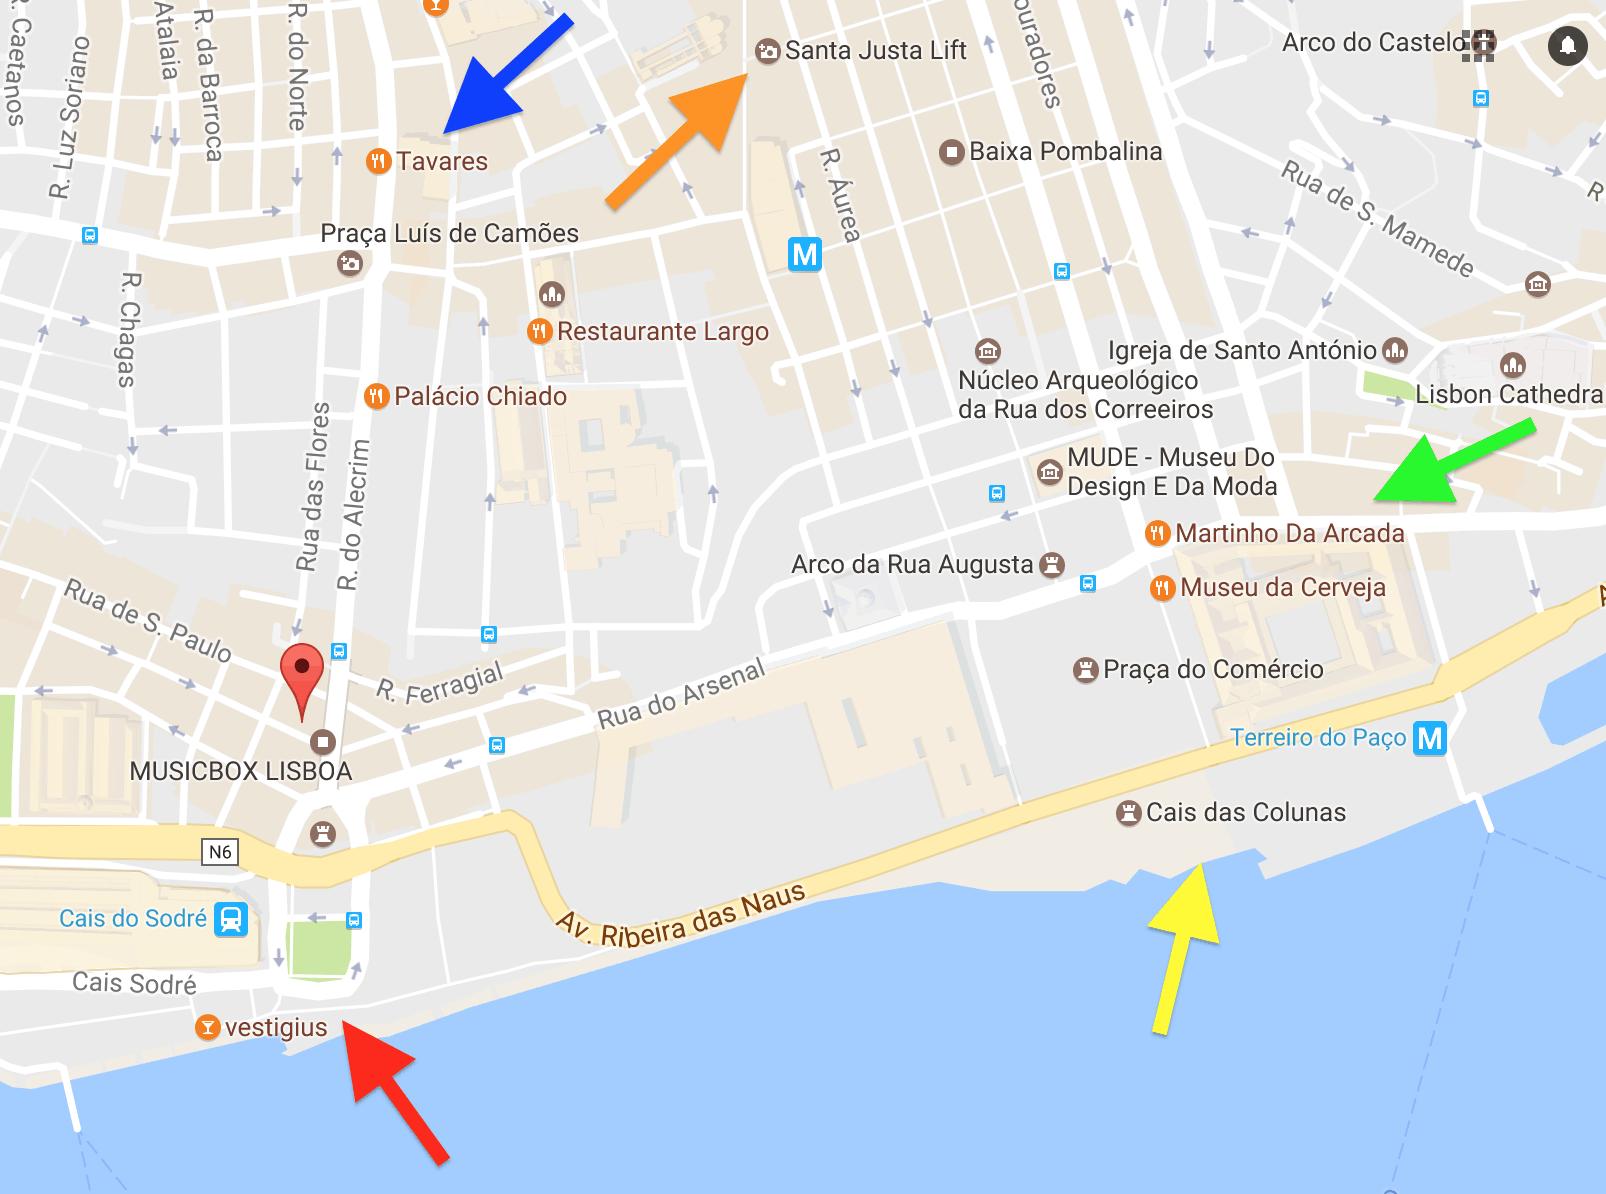 mapa cais do sodre Cais do Sodré: agitação de bares e restaurantes em Lisboa | G. DAMAS mapa cais do sodre